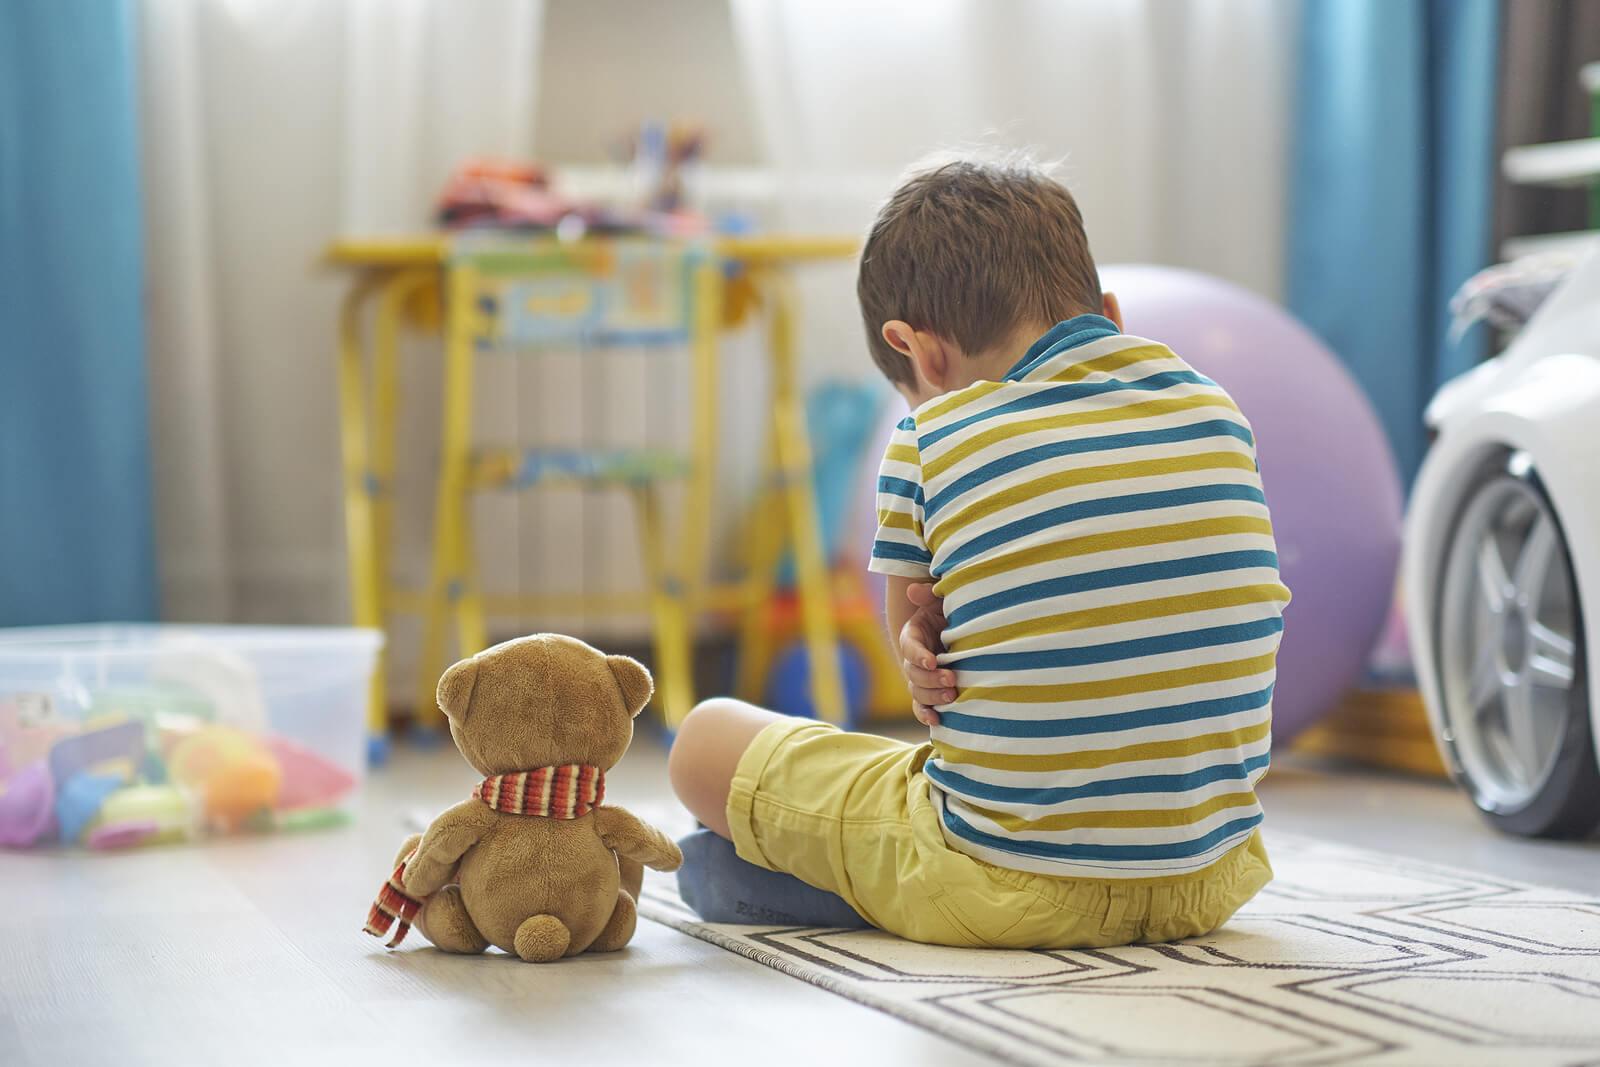 Niño sentado en el suelo pasando por un trastorno de estrés postraumático.